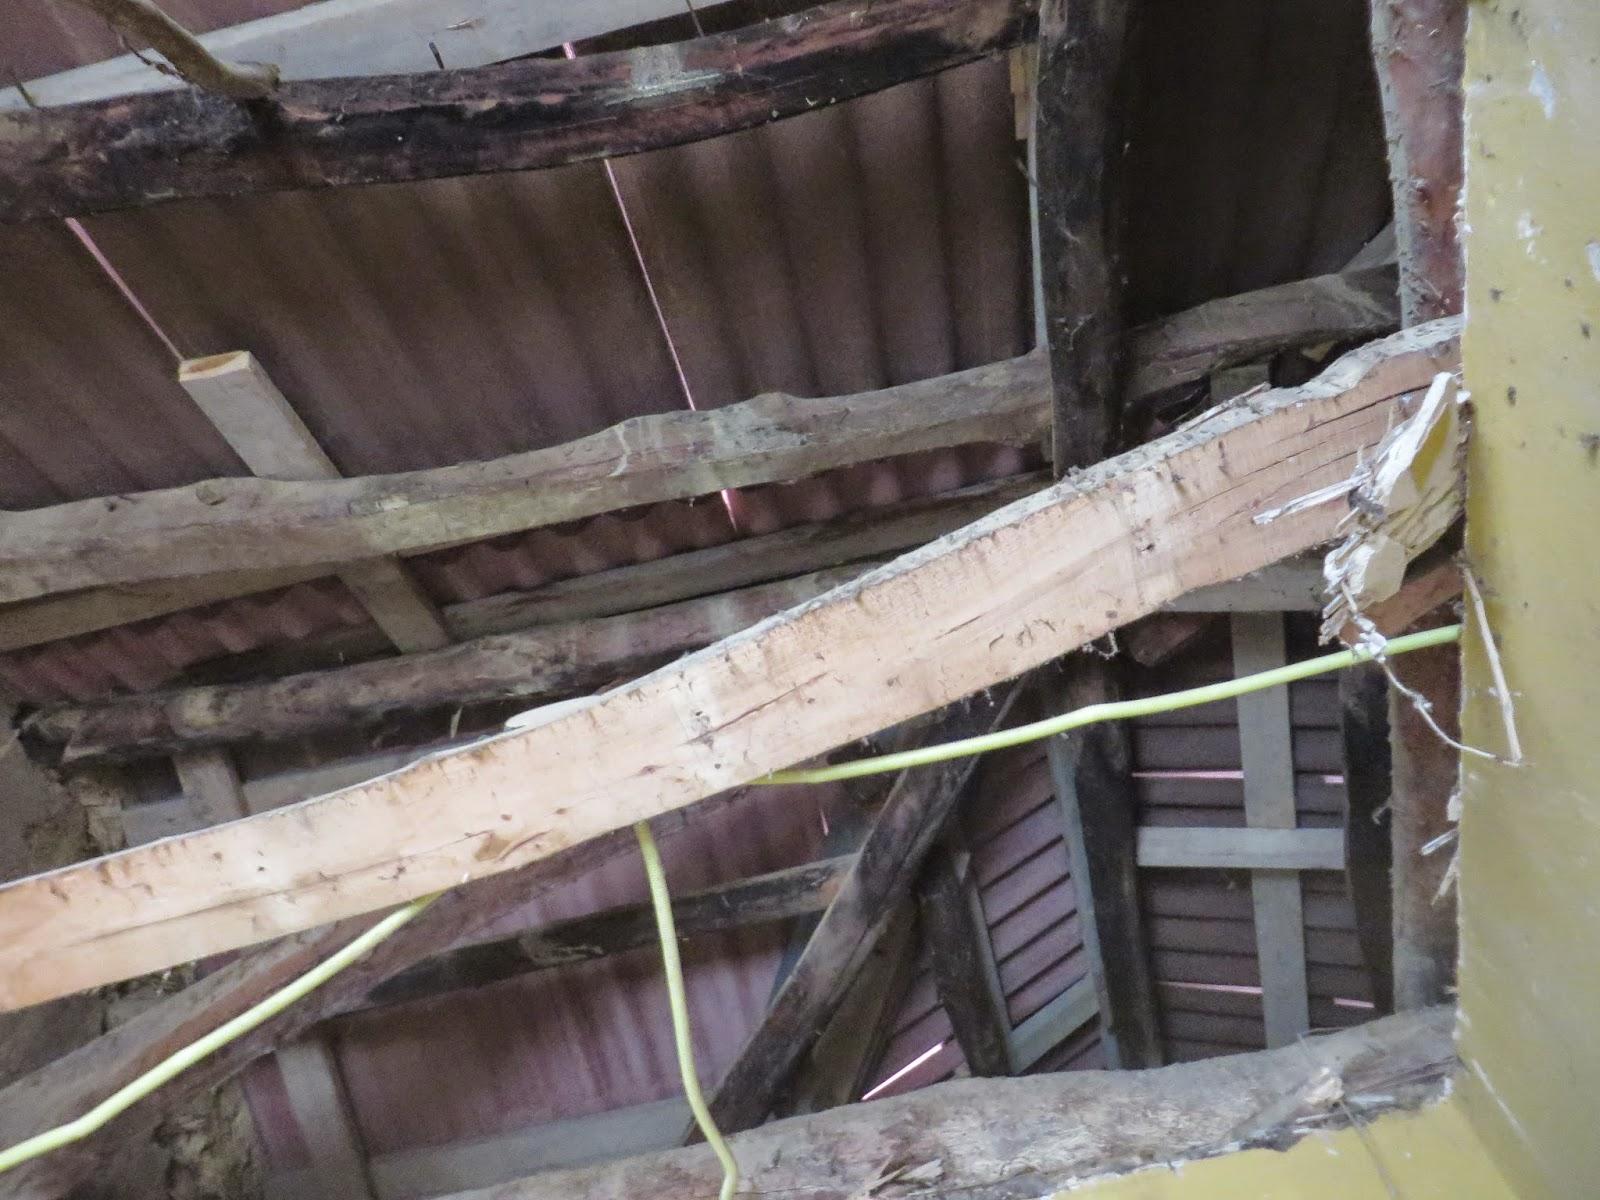 Reformasvillasolle nmultiservicios falsos techos de for Falsos techos de madera